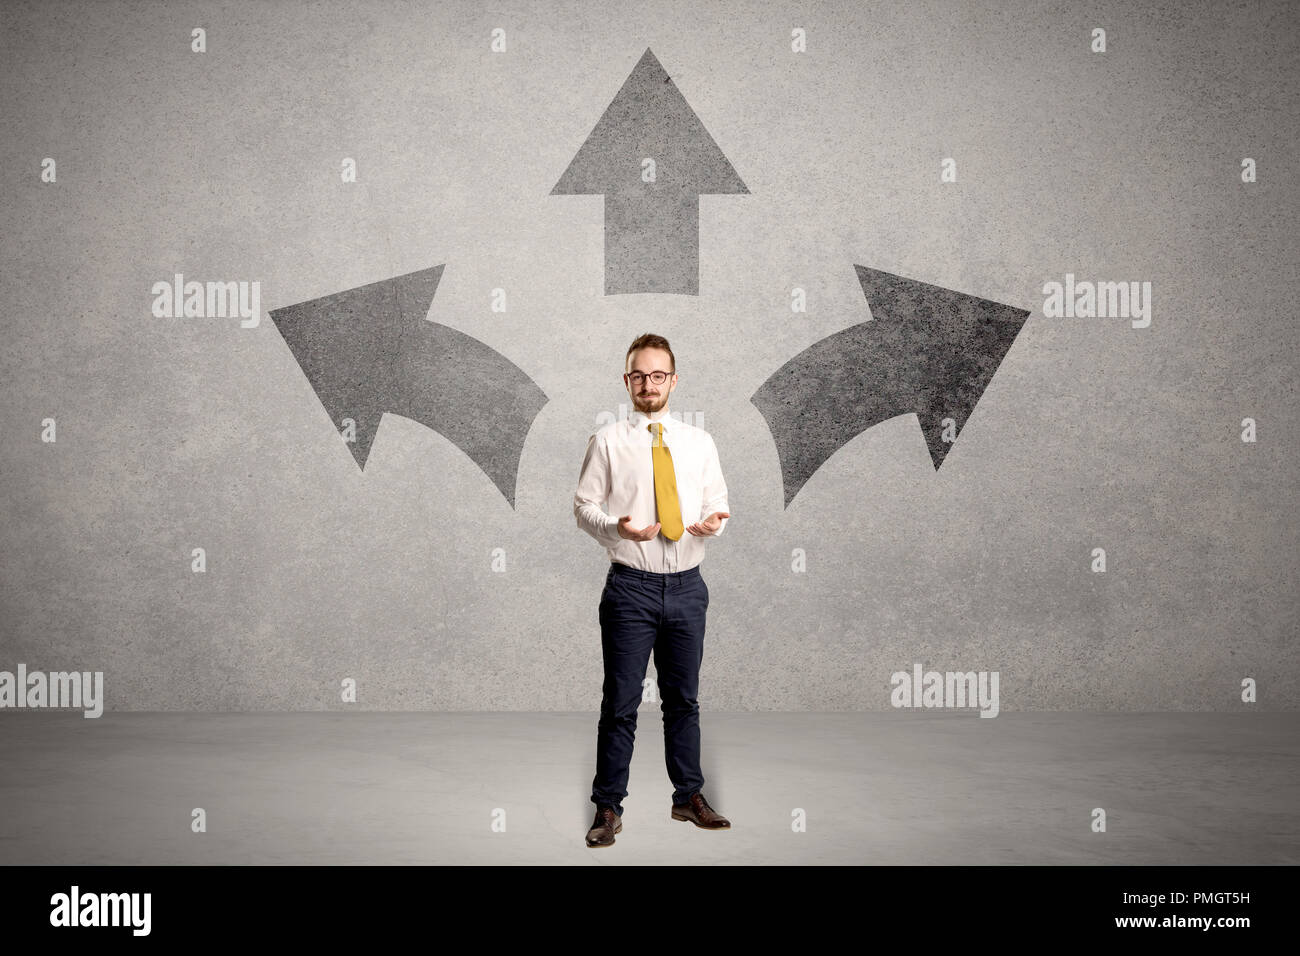 Homme charmant de doute, en choisissant parmi trois directions devant un mur gris Photo Stock